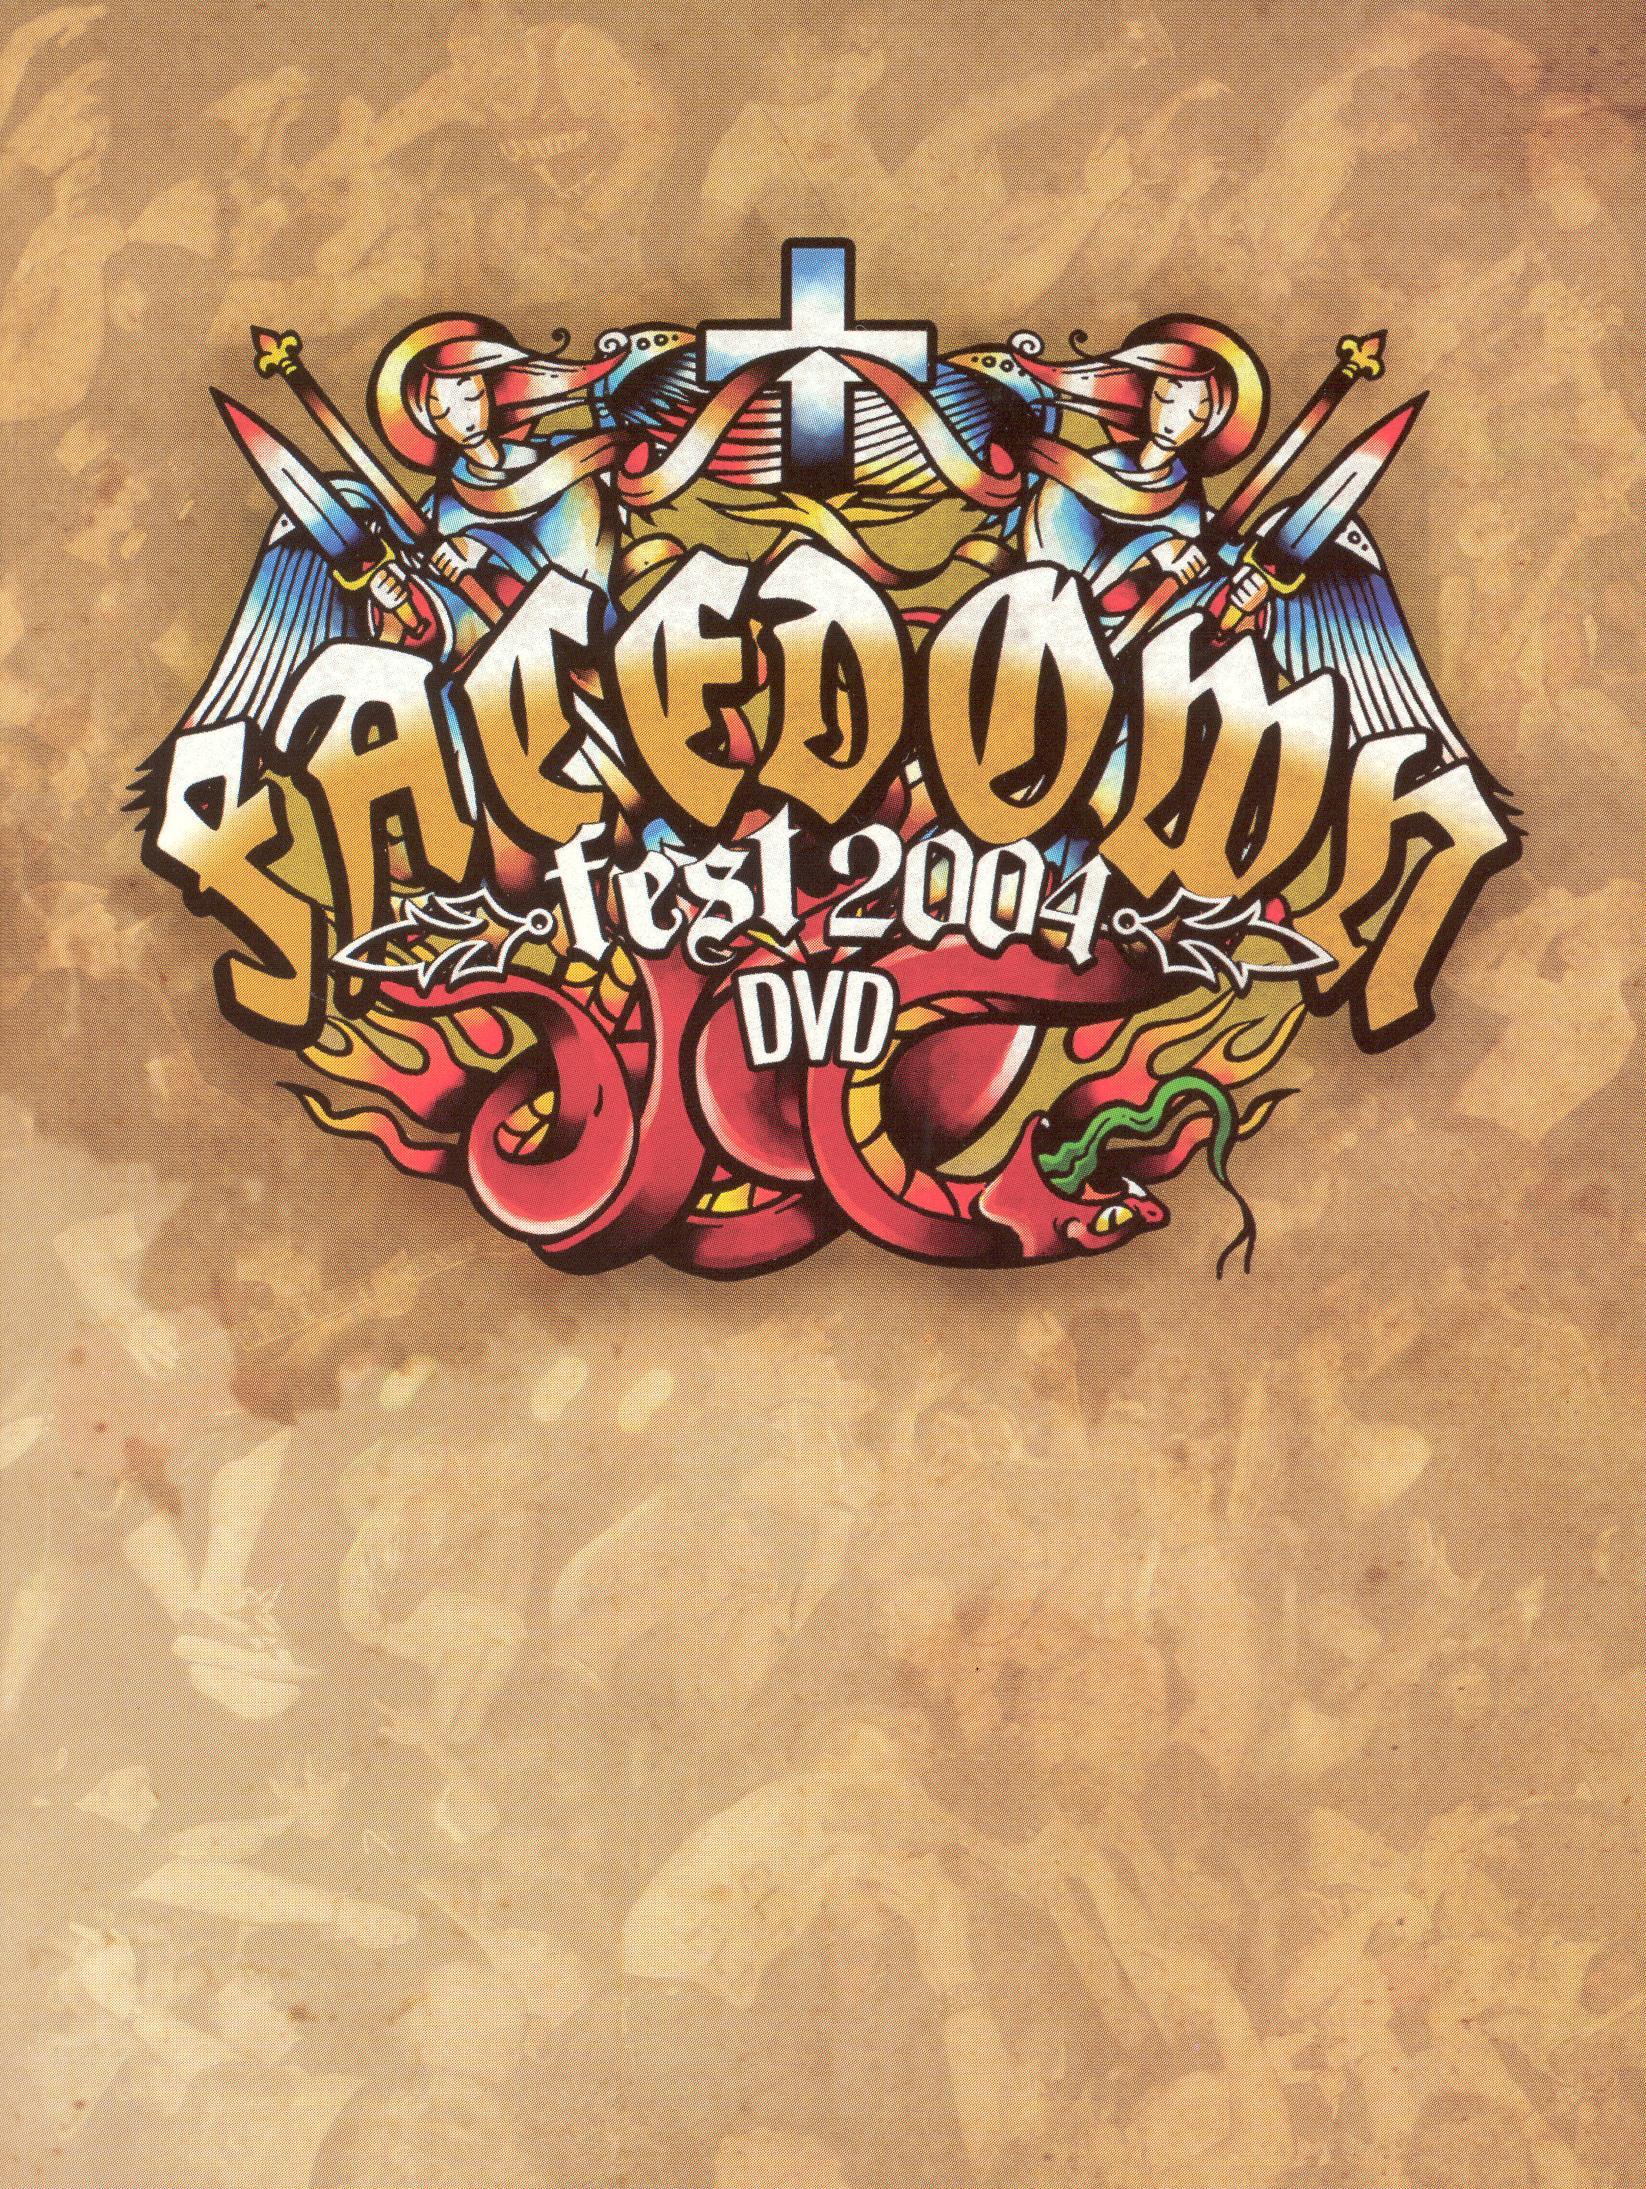 Facedown Fest 2004